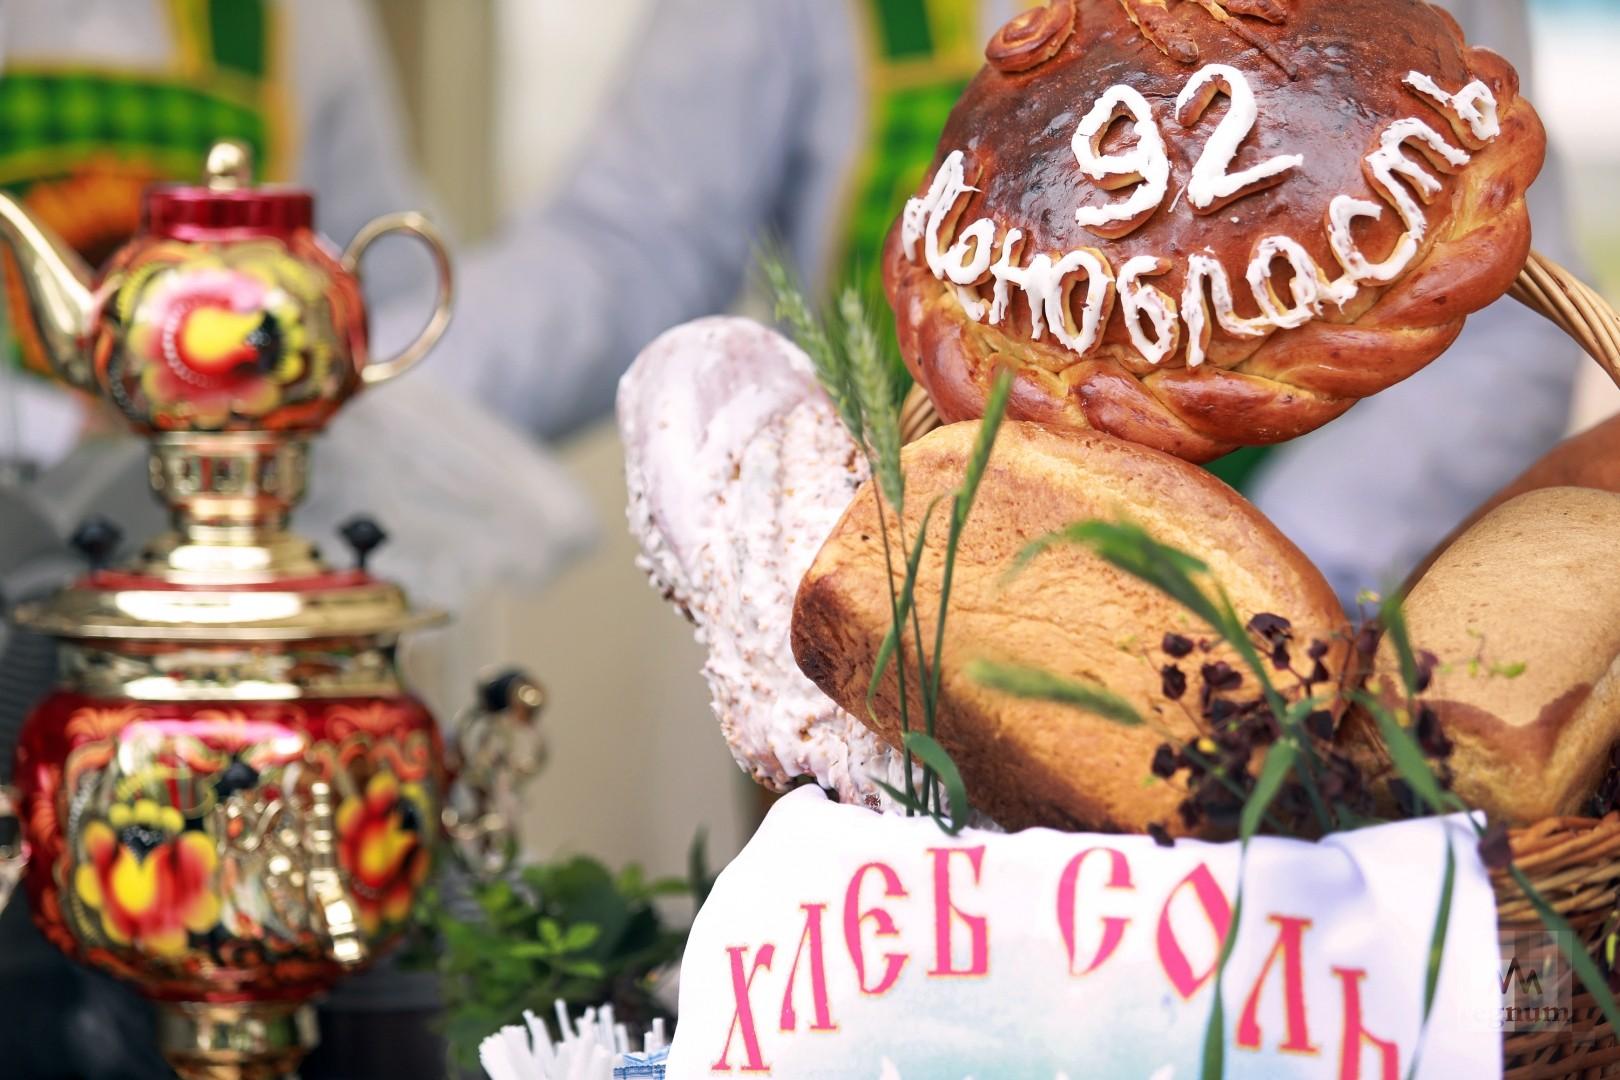 Гастрономический фестиваль  Калейдоскоп вкуса